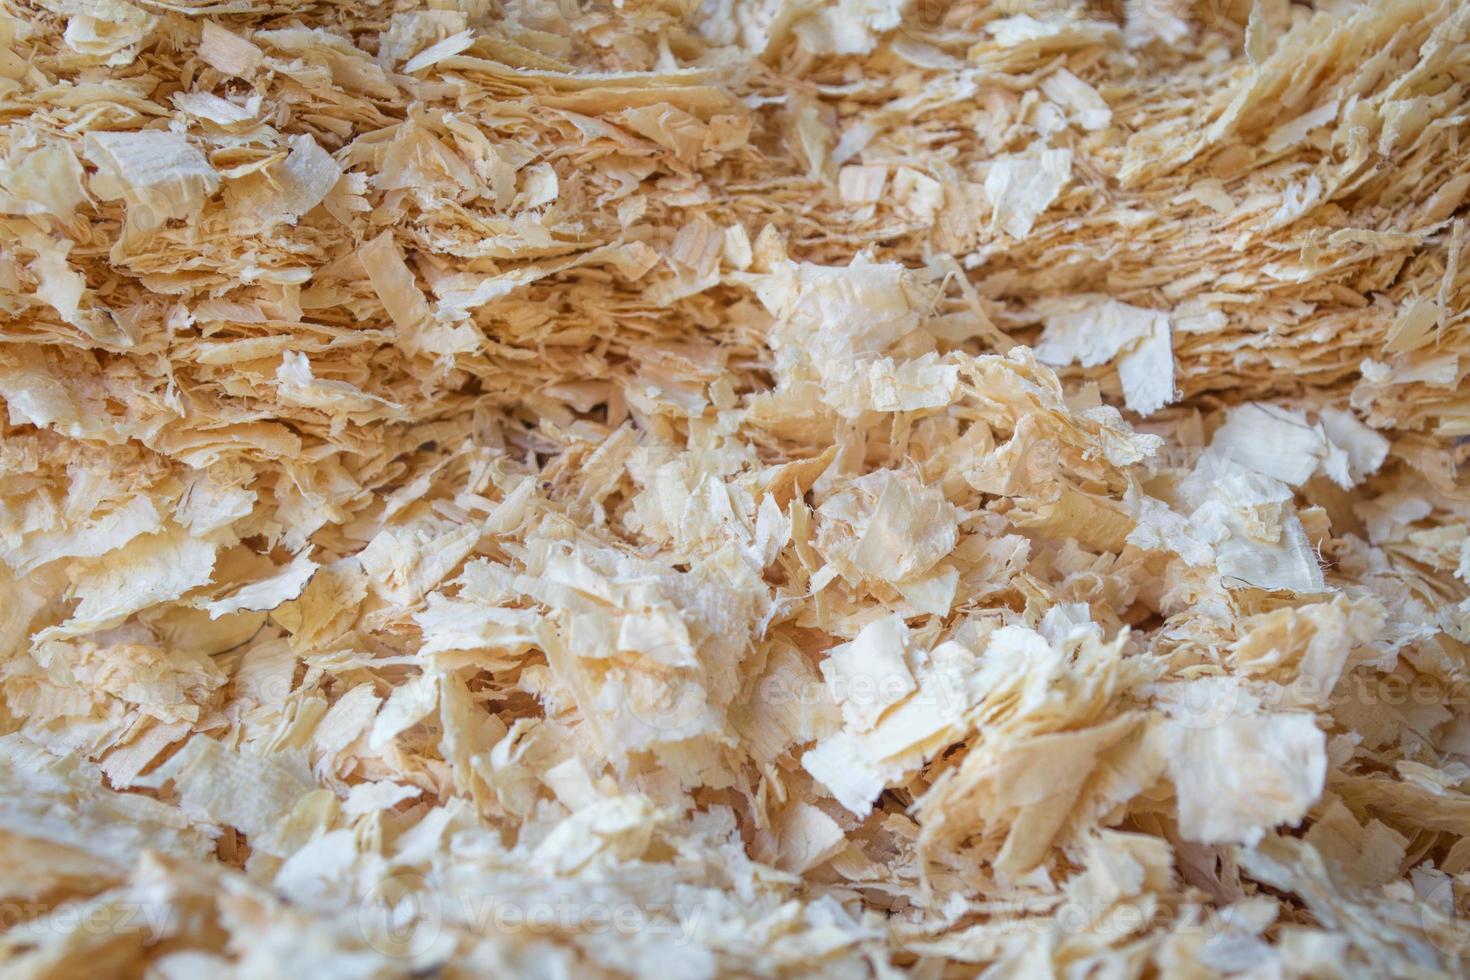 serragem ou pó de madeira, abstrato foto